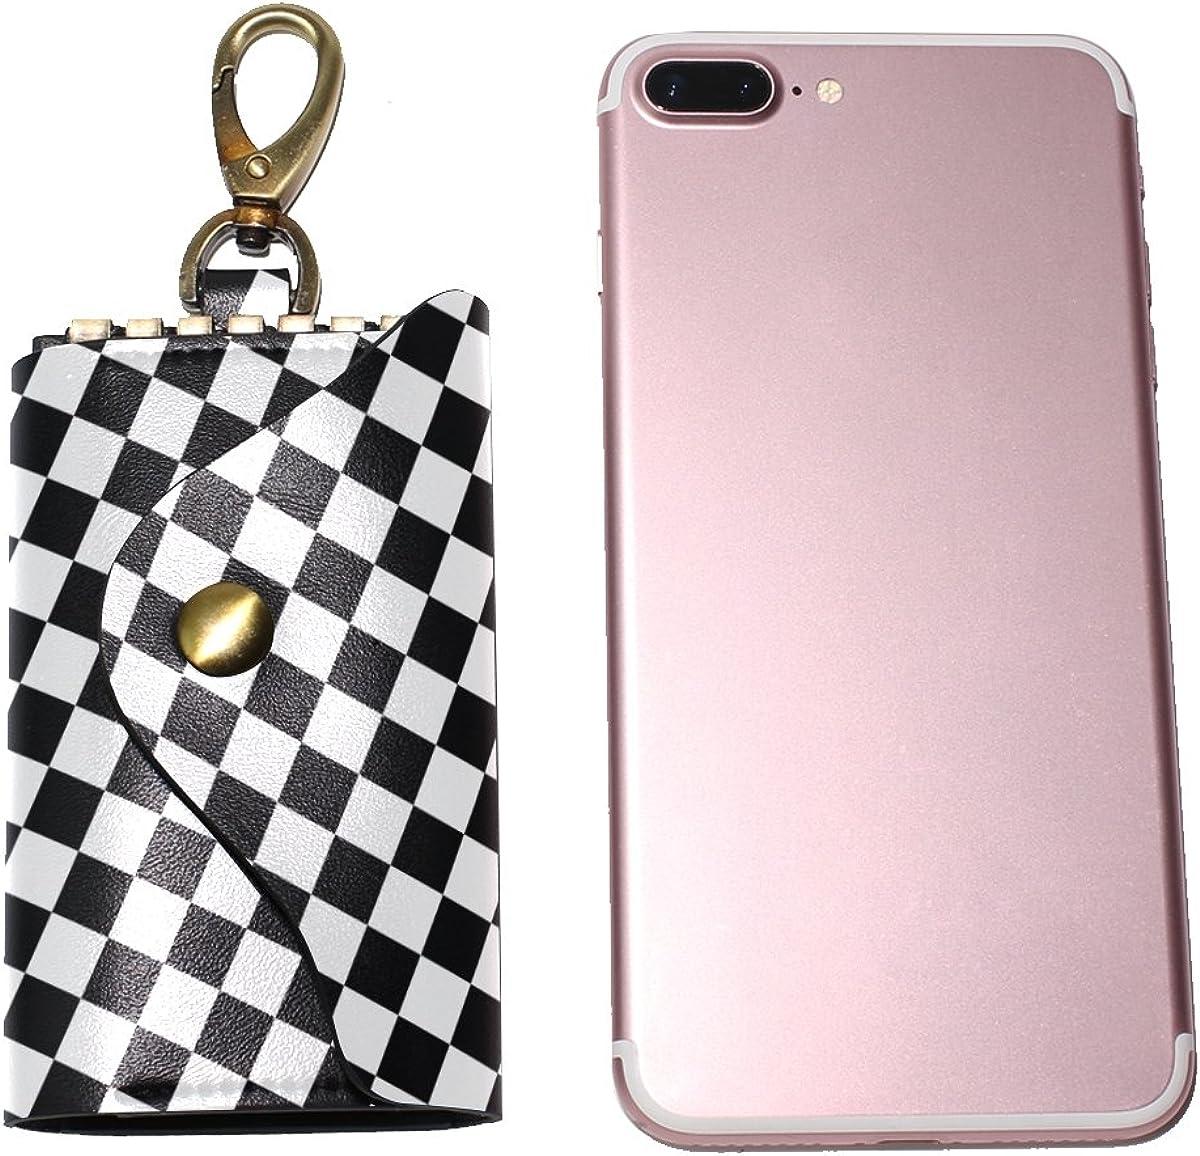 DEYYA Black White Checkered Squares Leather Key Case Wallets Unisex Keychain Key Holder with 6 Hooks Snap Closure